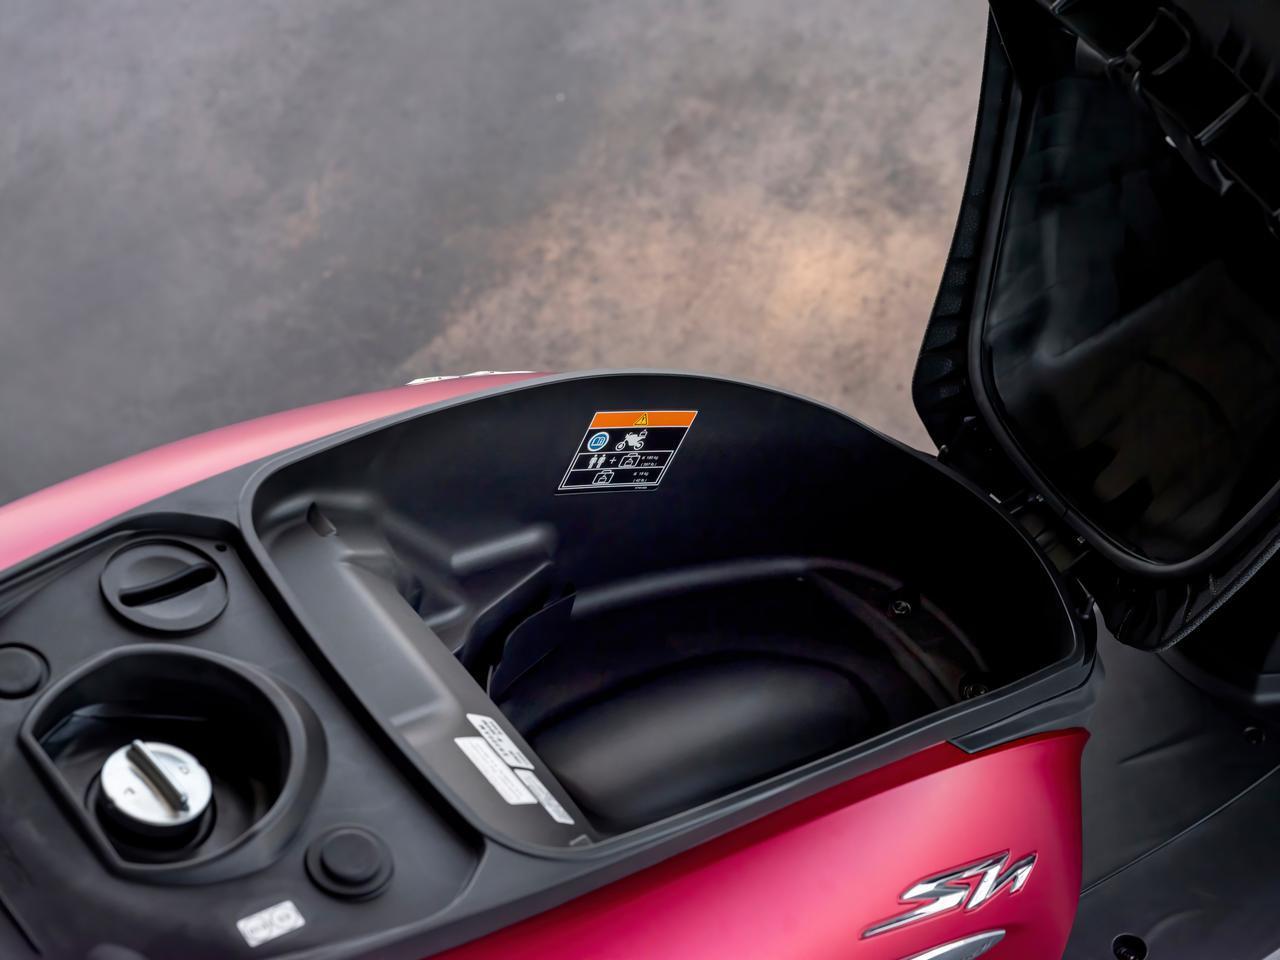 画像: シート下にはフルフェイスヘルメットも収納可能なスペースを確保し、従来のACC充電器からモバイルデバイスの充電を容易にするUSB Type-Cソケットを新たに採用。